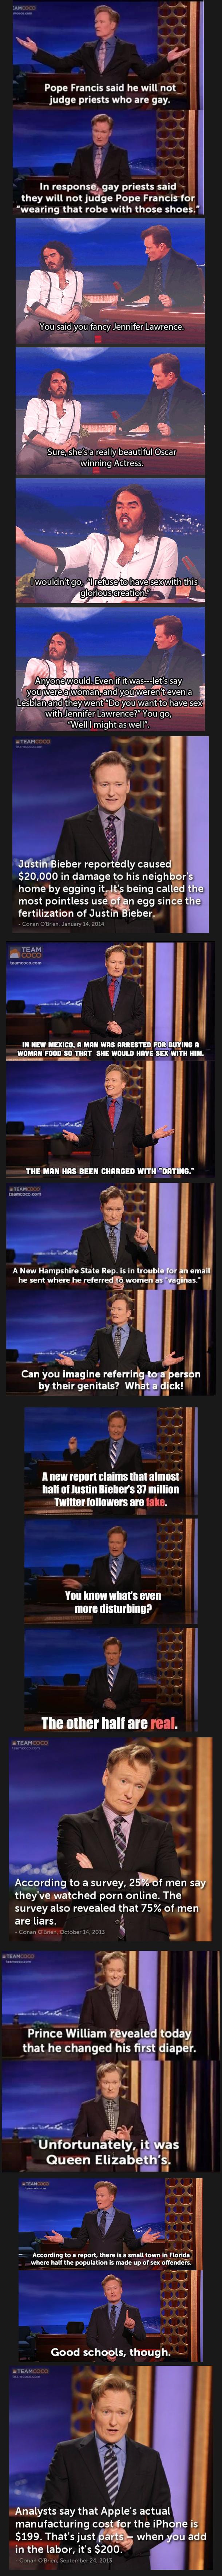 Conan Comp. Some Conan jokes I collected and thought you might enjoy.. conan Beiber ha